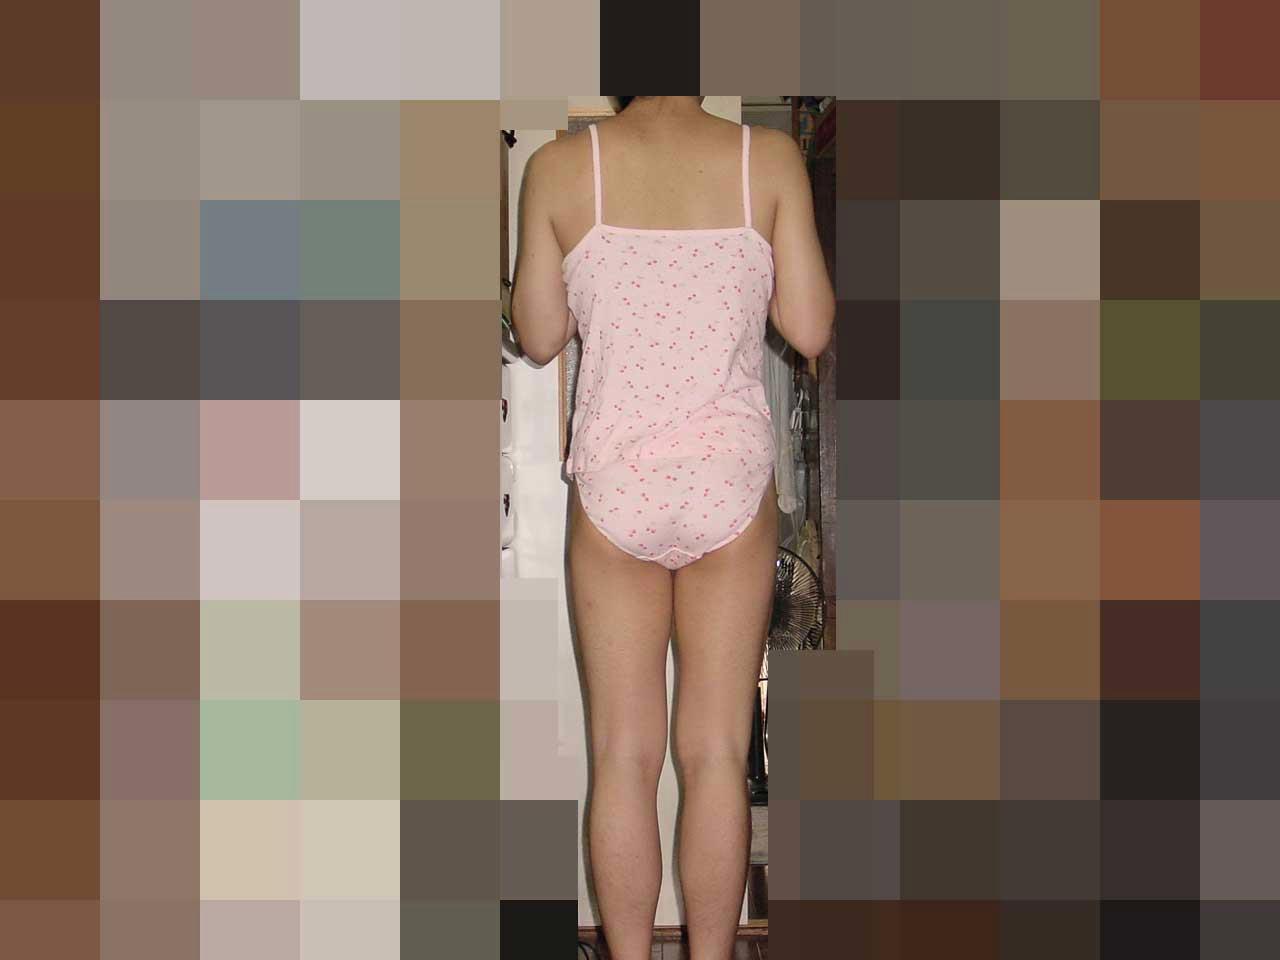 後ろ向き姿の画像です。 画像を拡大したい方は、画像をクリックして下さい。